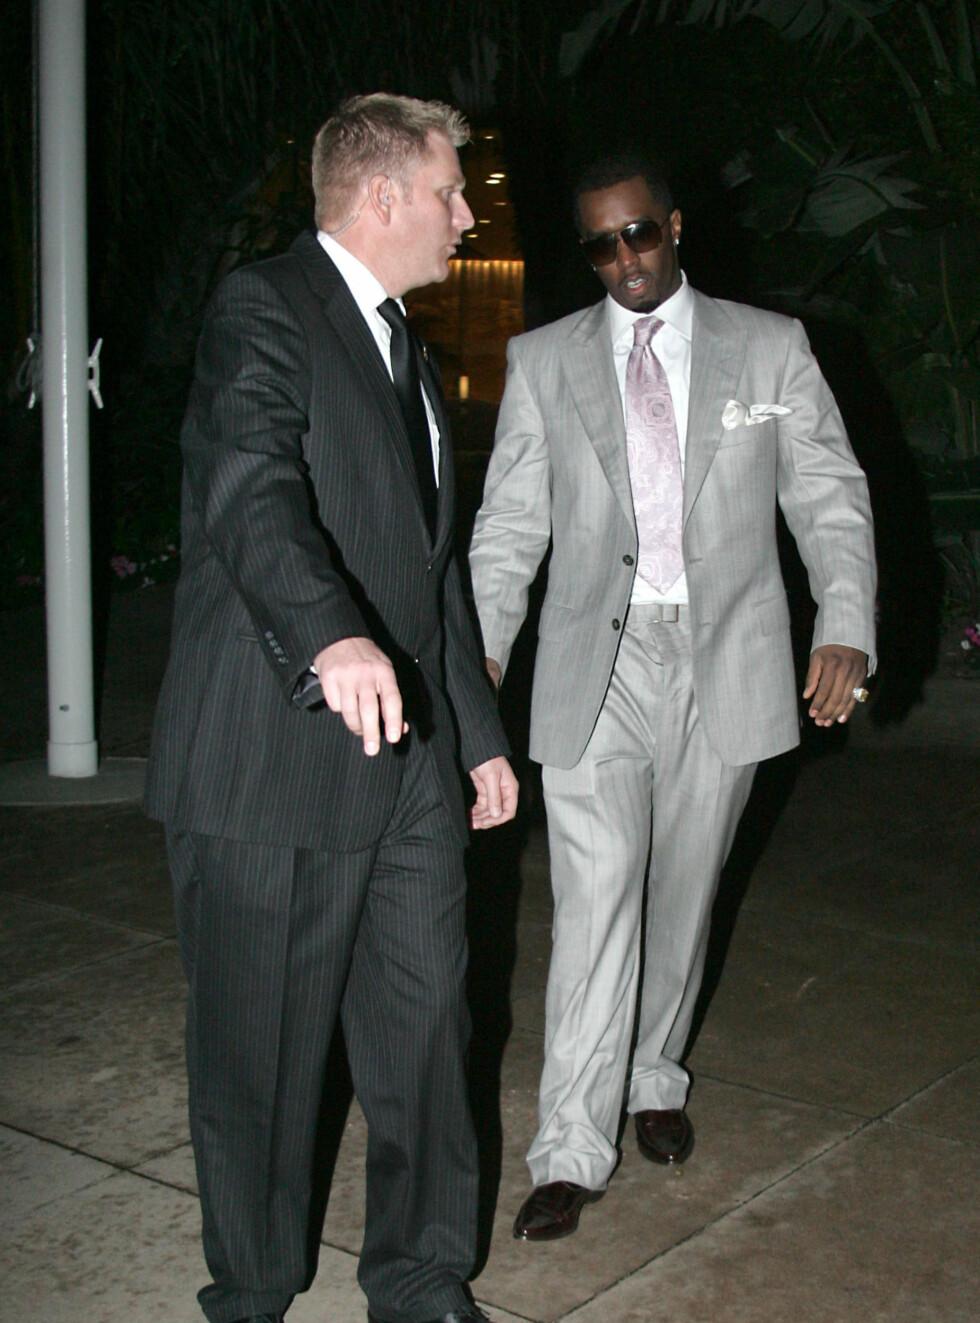 KLAR: Diddy ankommer nachspielet etter Grammy-utdelingen. Foto: Stella Pictures